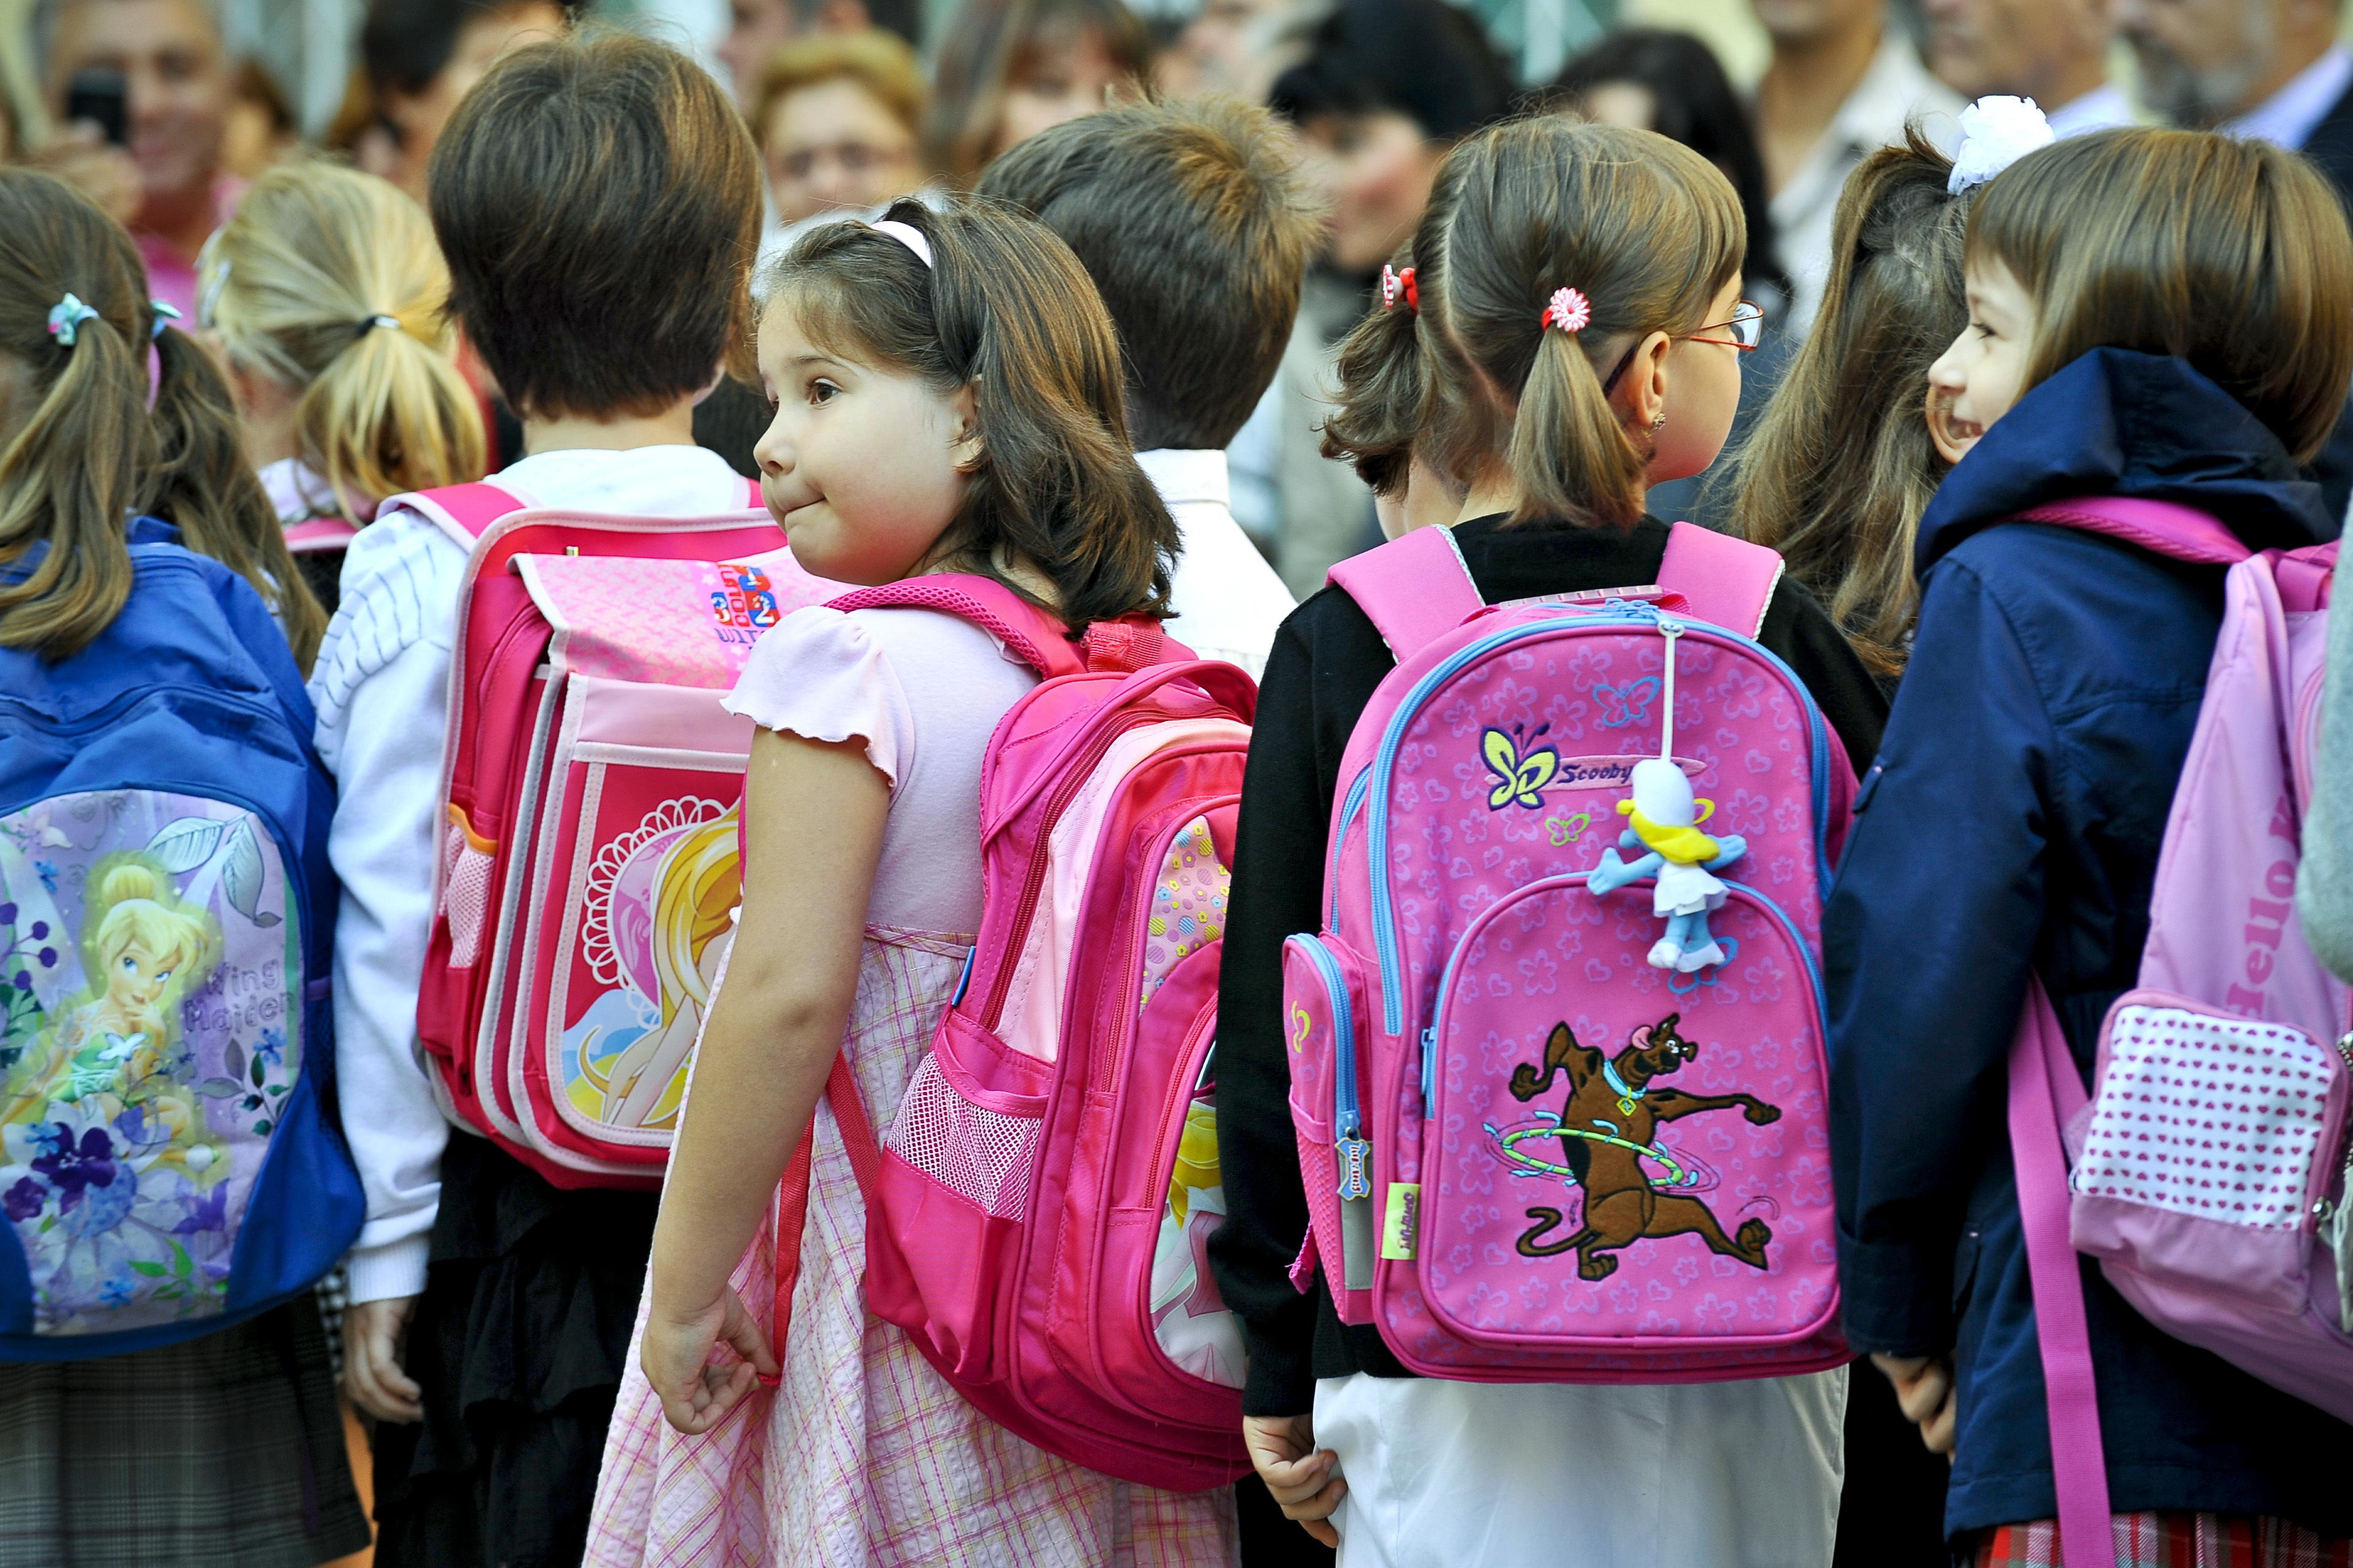 Începe un nou an şcolar: Aproape 9.500 de poliţişti vor fi mobilizaţi în zona grădiniţelor, şcolilor şi liceelor